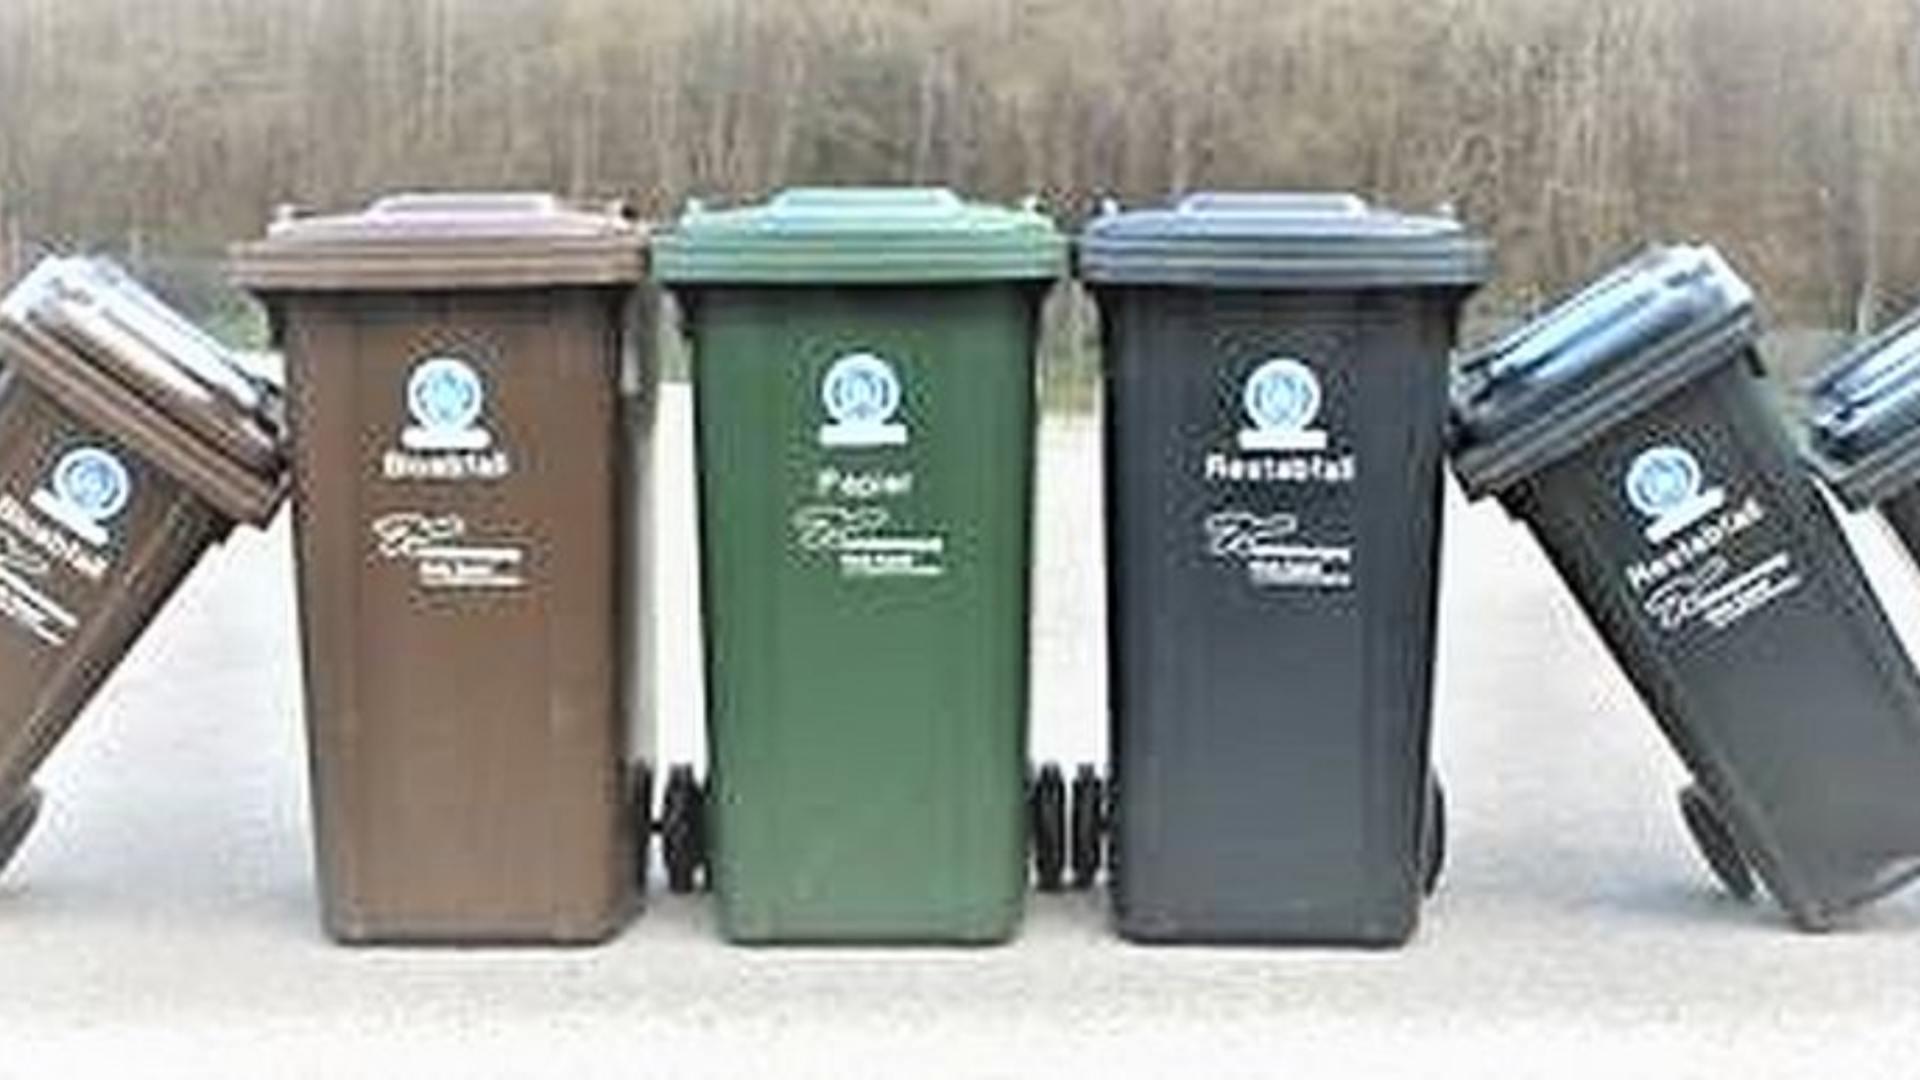 Warum entscheidet sich die Abfallentsorgung Kreis Kassel für Abfallbehälter mit dem Blauen Engel?